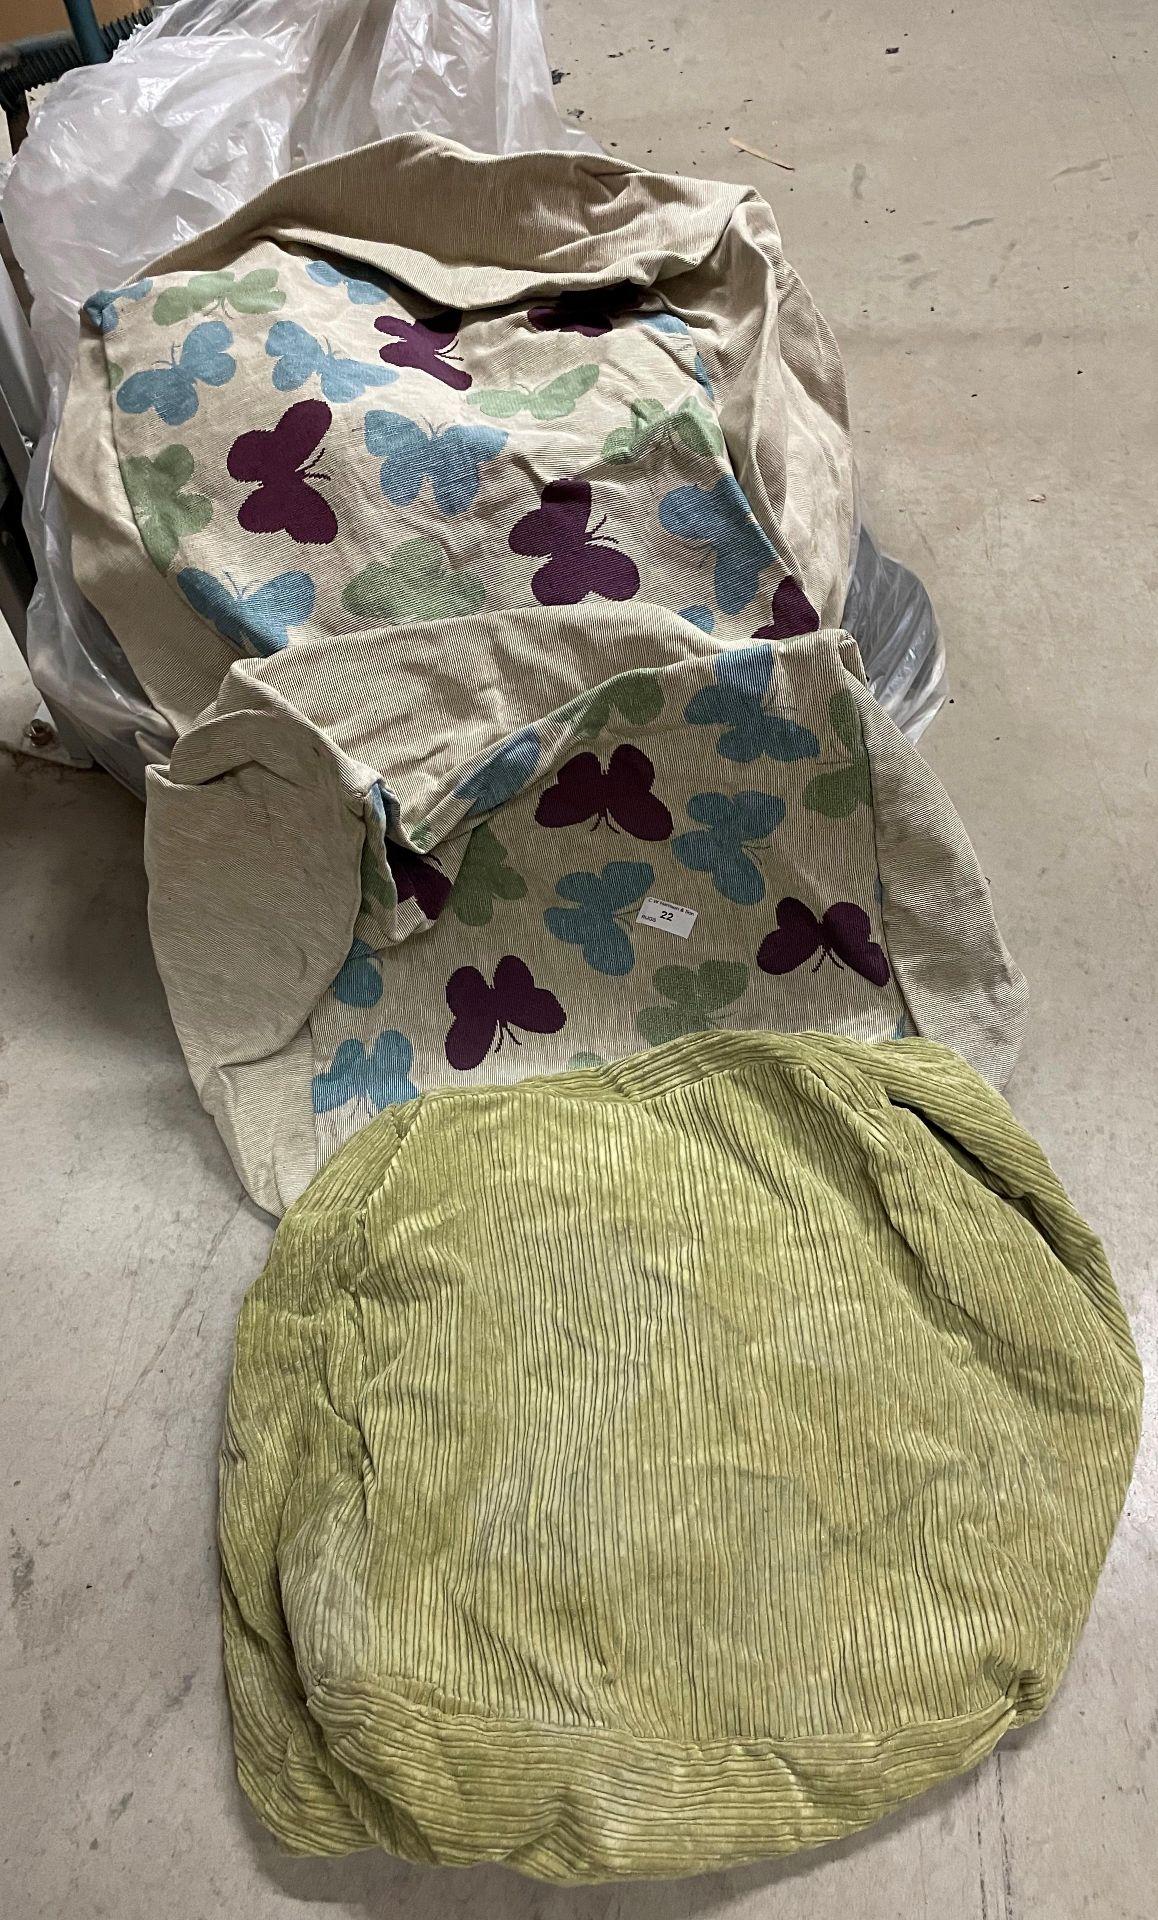 24 x bean bag covers - 7 x green,